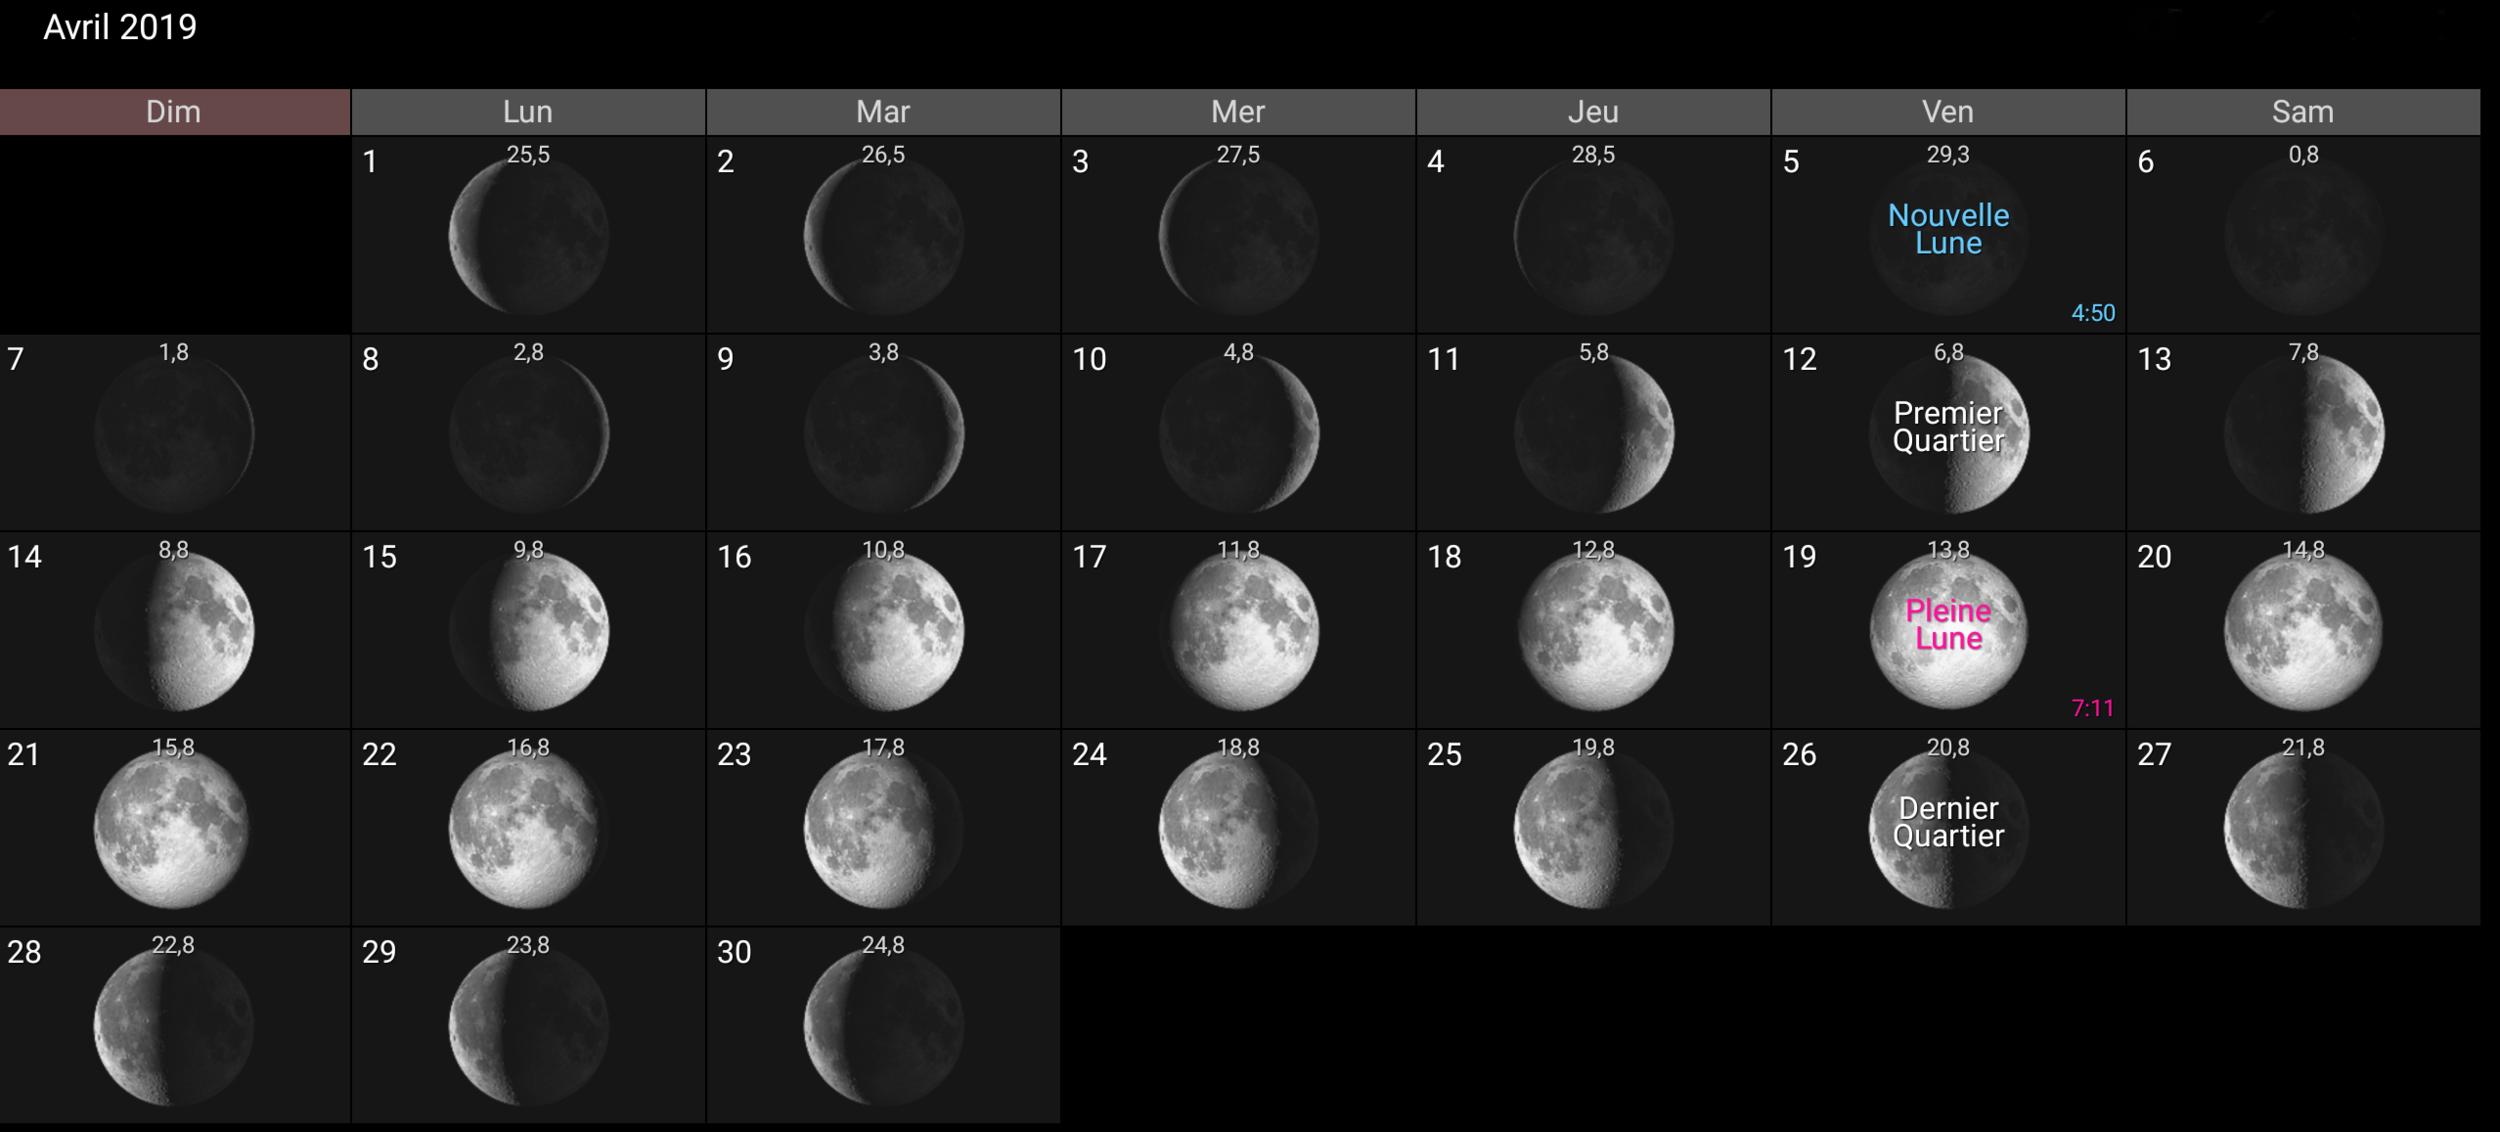 Les phases de la Lune pour d'avril 2019